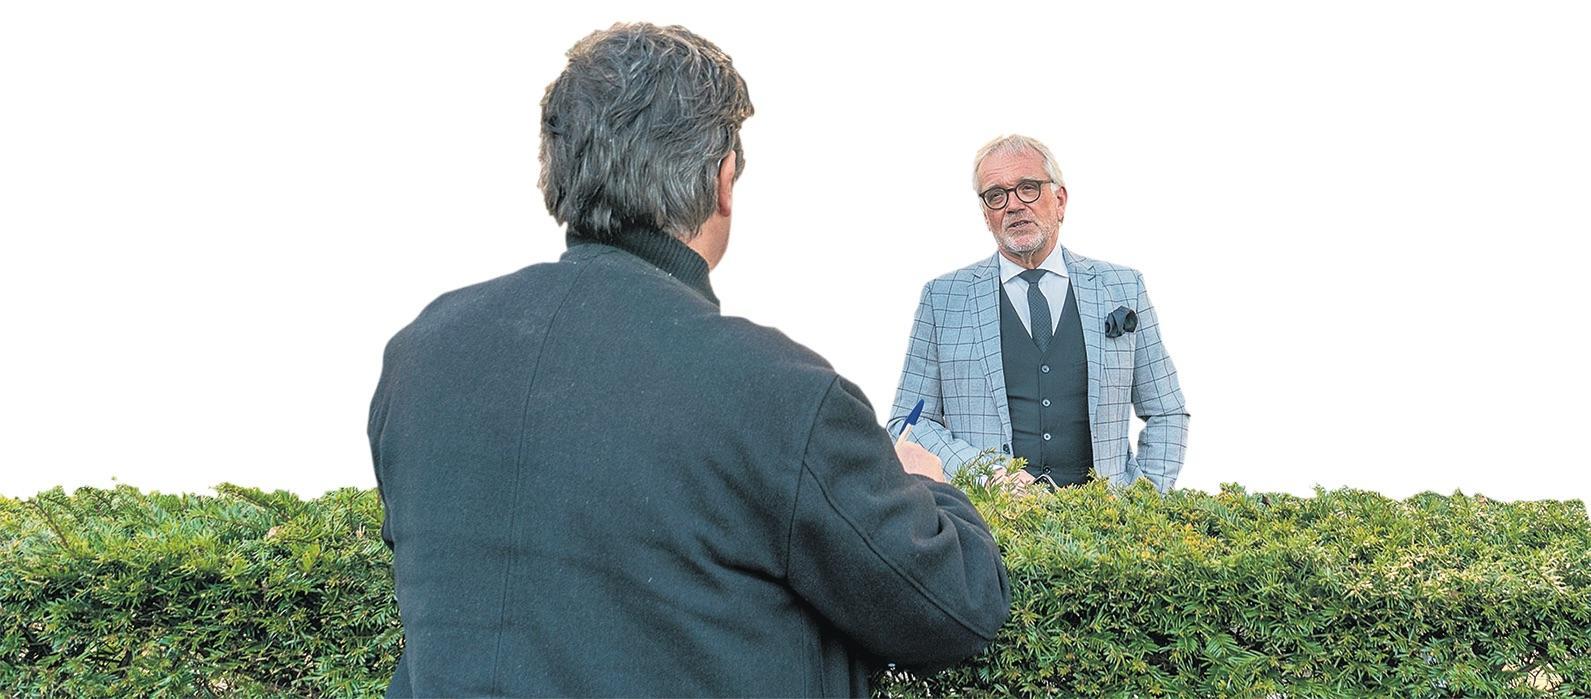 Alkmaars burgemeester Bruinooge over corona: 'Het mag allemaal, maar gemeenten moeten nu zelf beoordelen of het ook allemaal veilig kan'